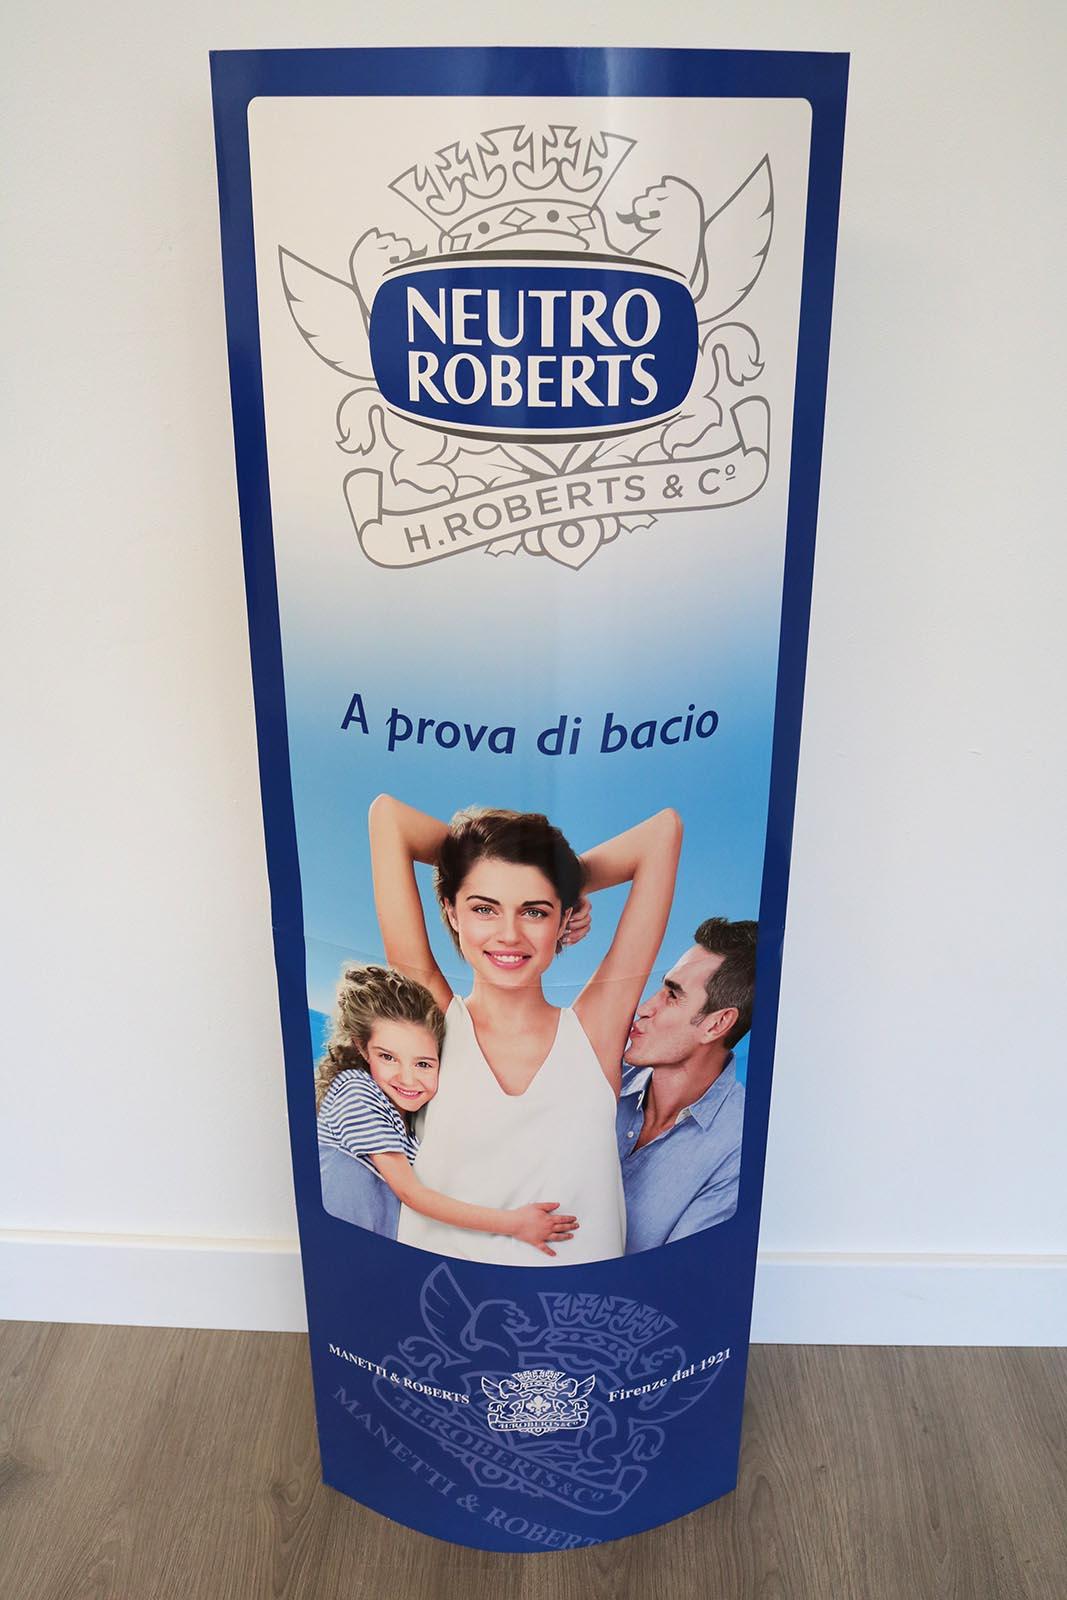 totem-pubblicitario-cartone-neutro-roberts